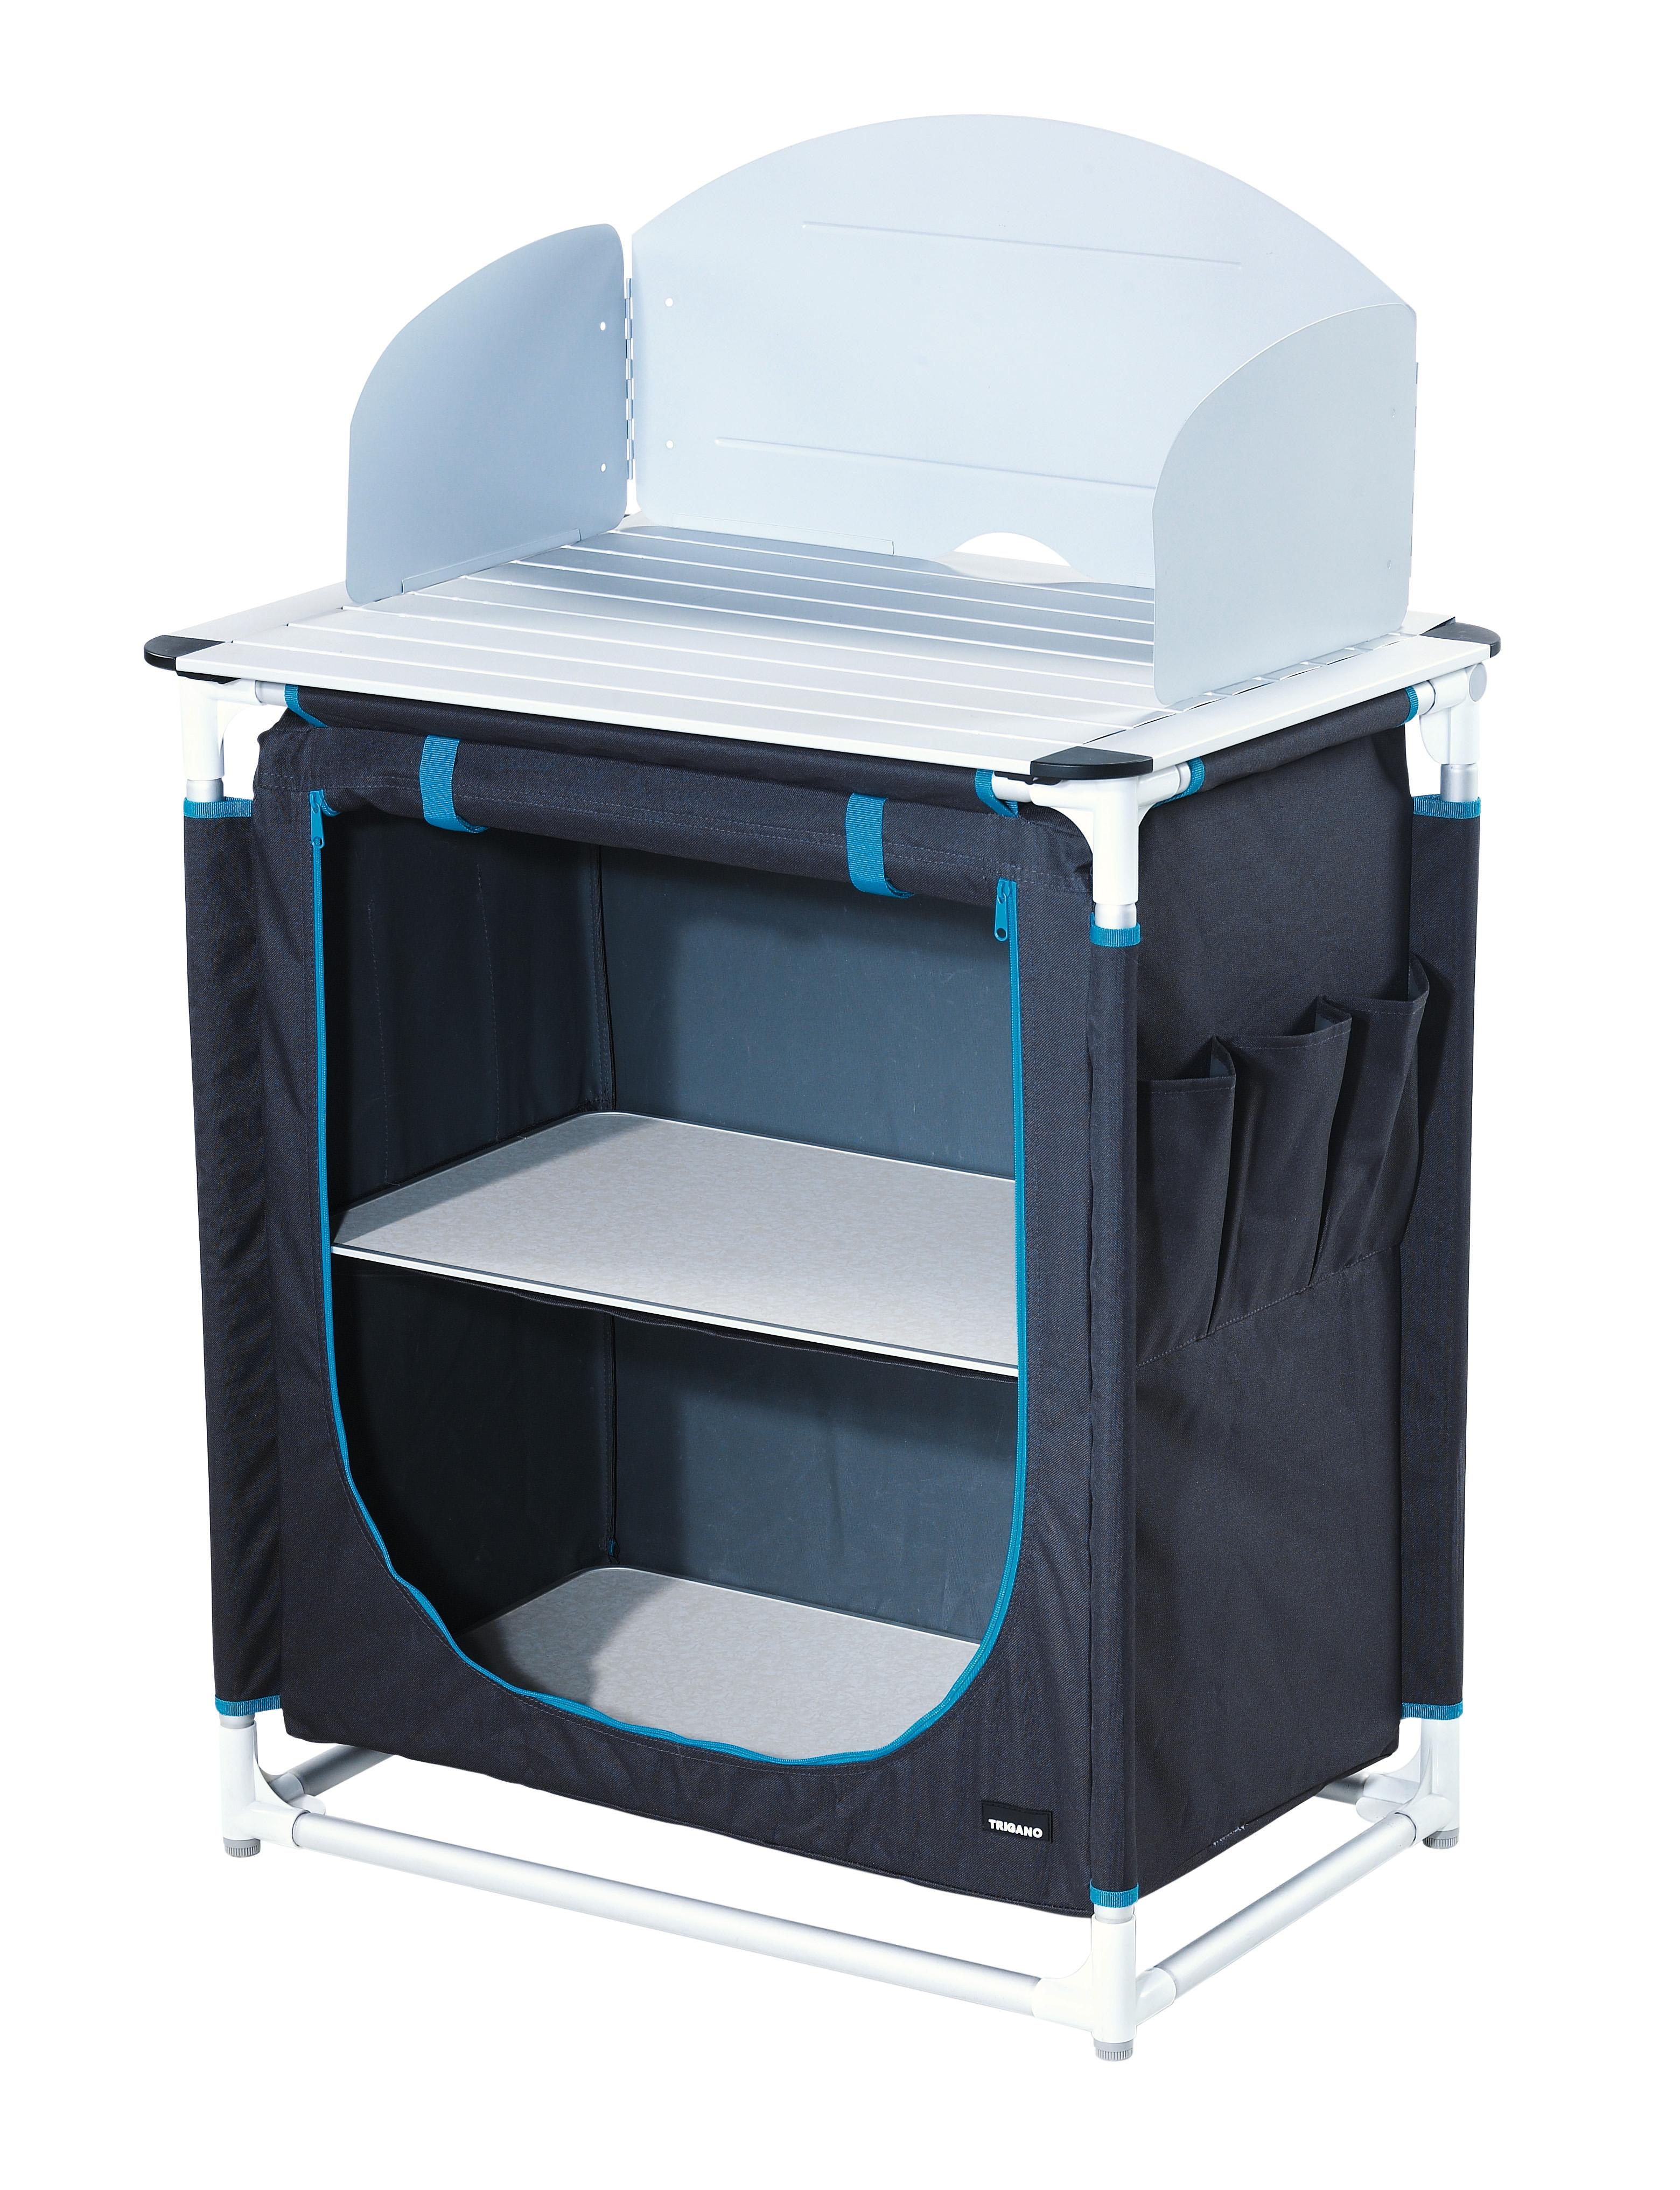 meuble cuisine m m047y36 boutique supermarket caravanes vente de mobilier de camping et d. Black Bedroom Furniture Sets. Home Design Ideas